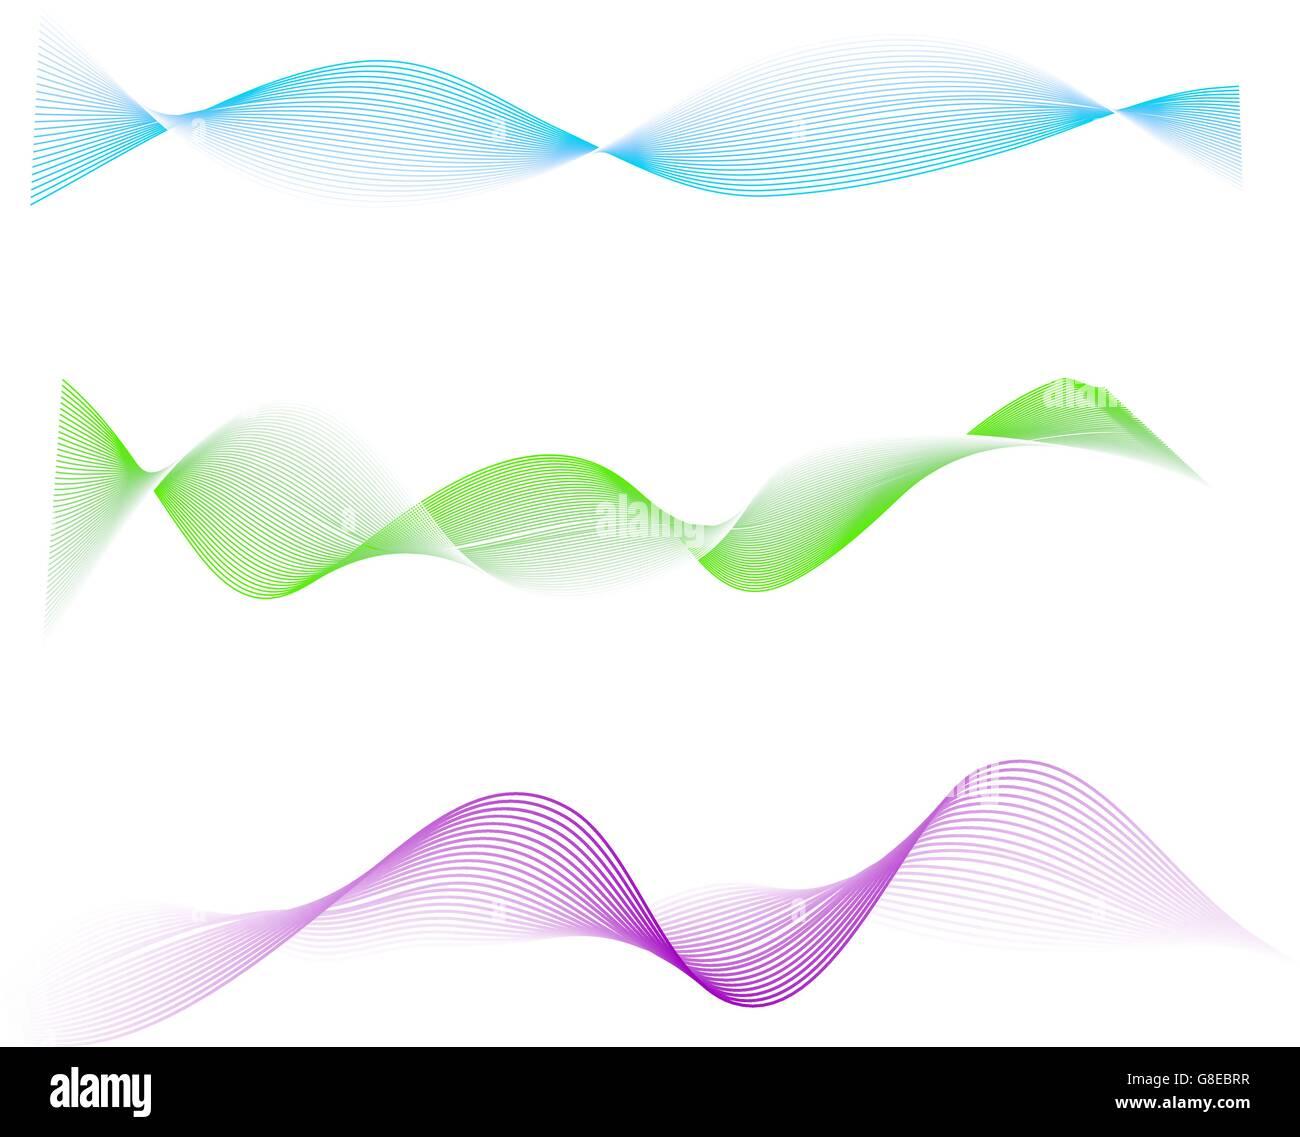 Waved design element vector illustration - Stock Image